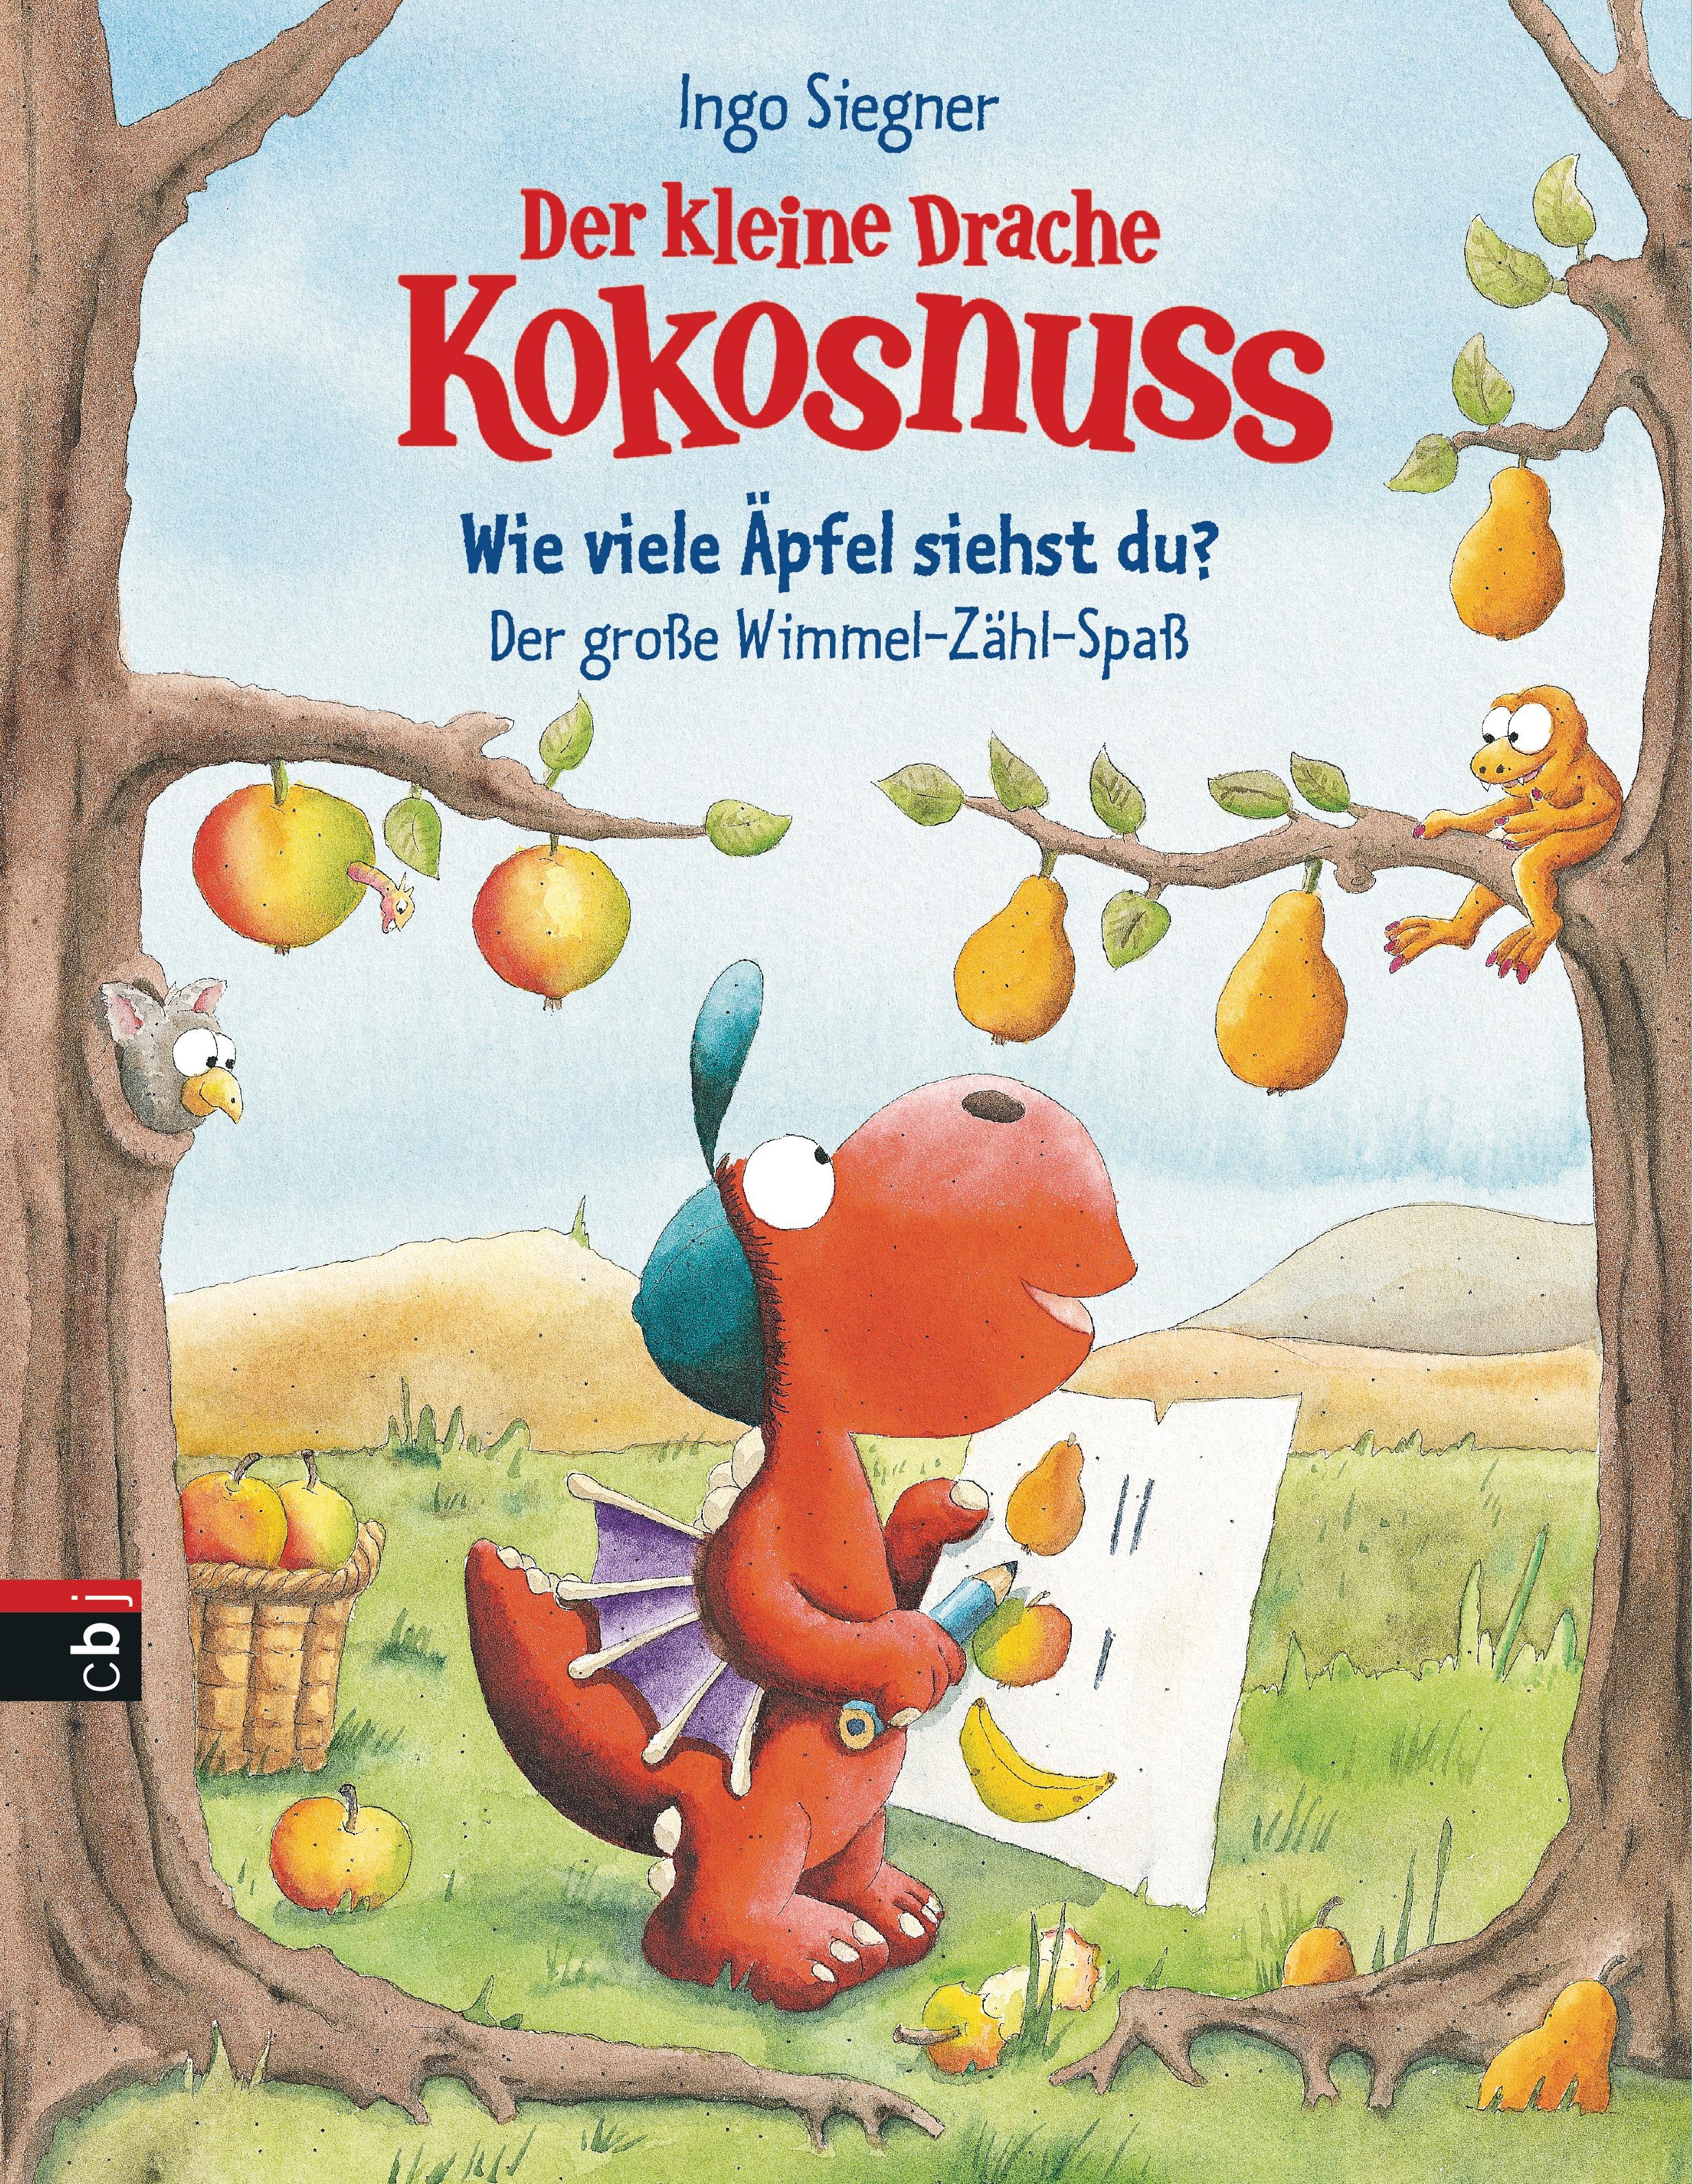 NEU Der kleine Drache Kokosnuss - Wie viele Äpfel siehst du? Ingo Siegner 173503